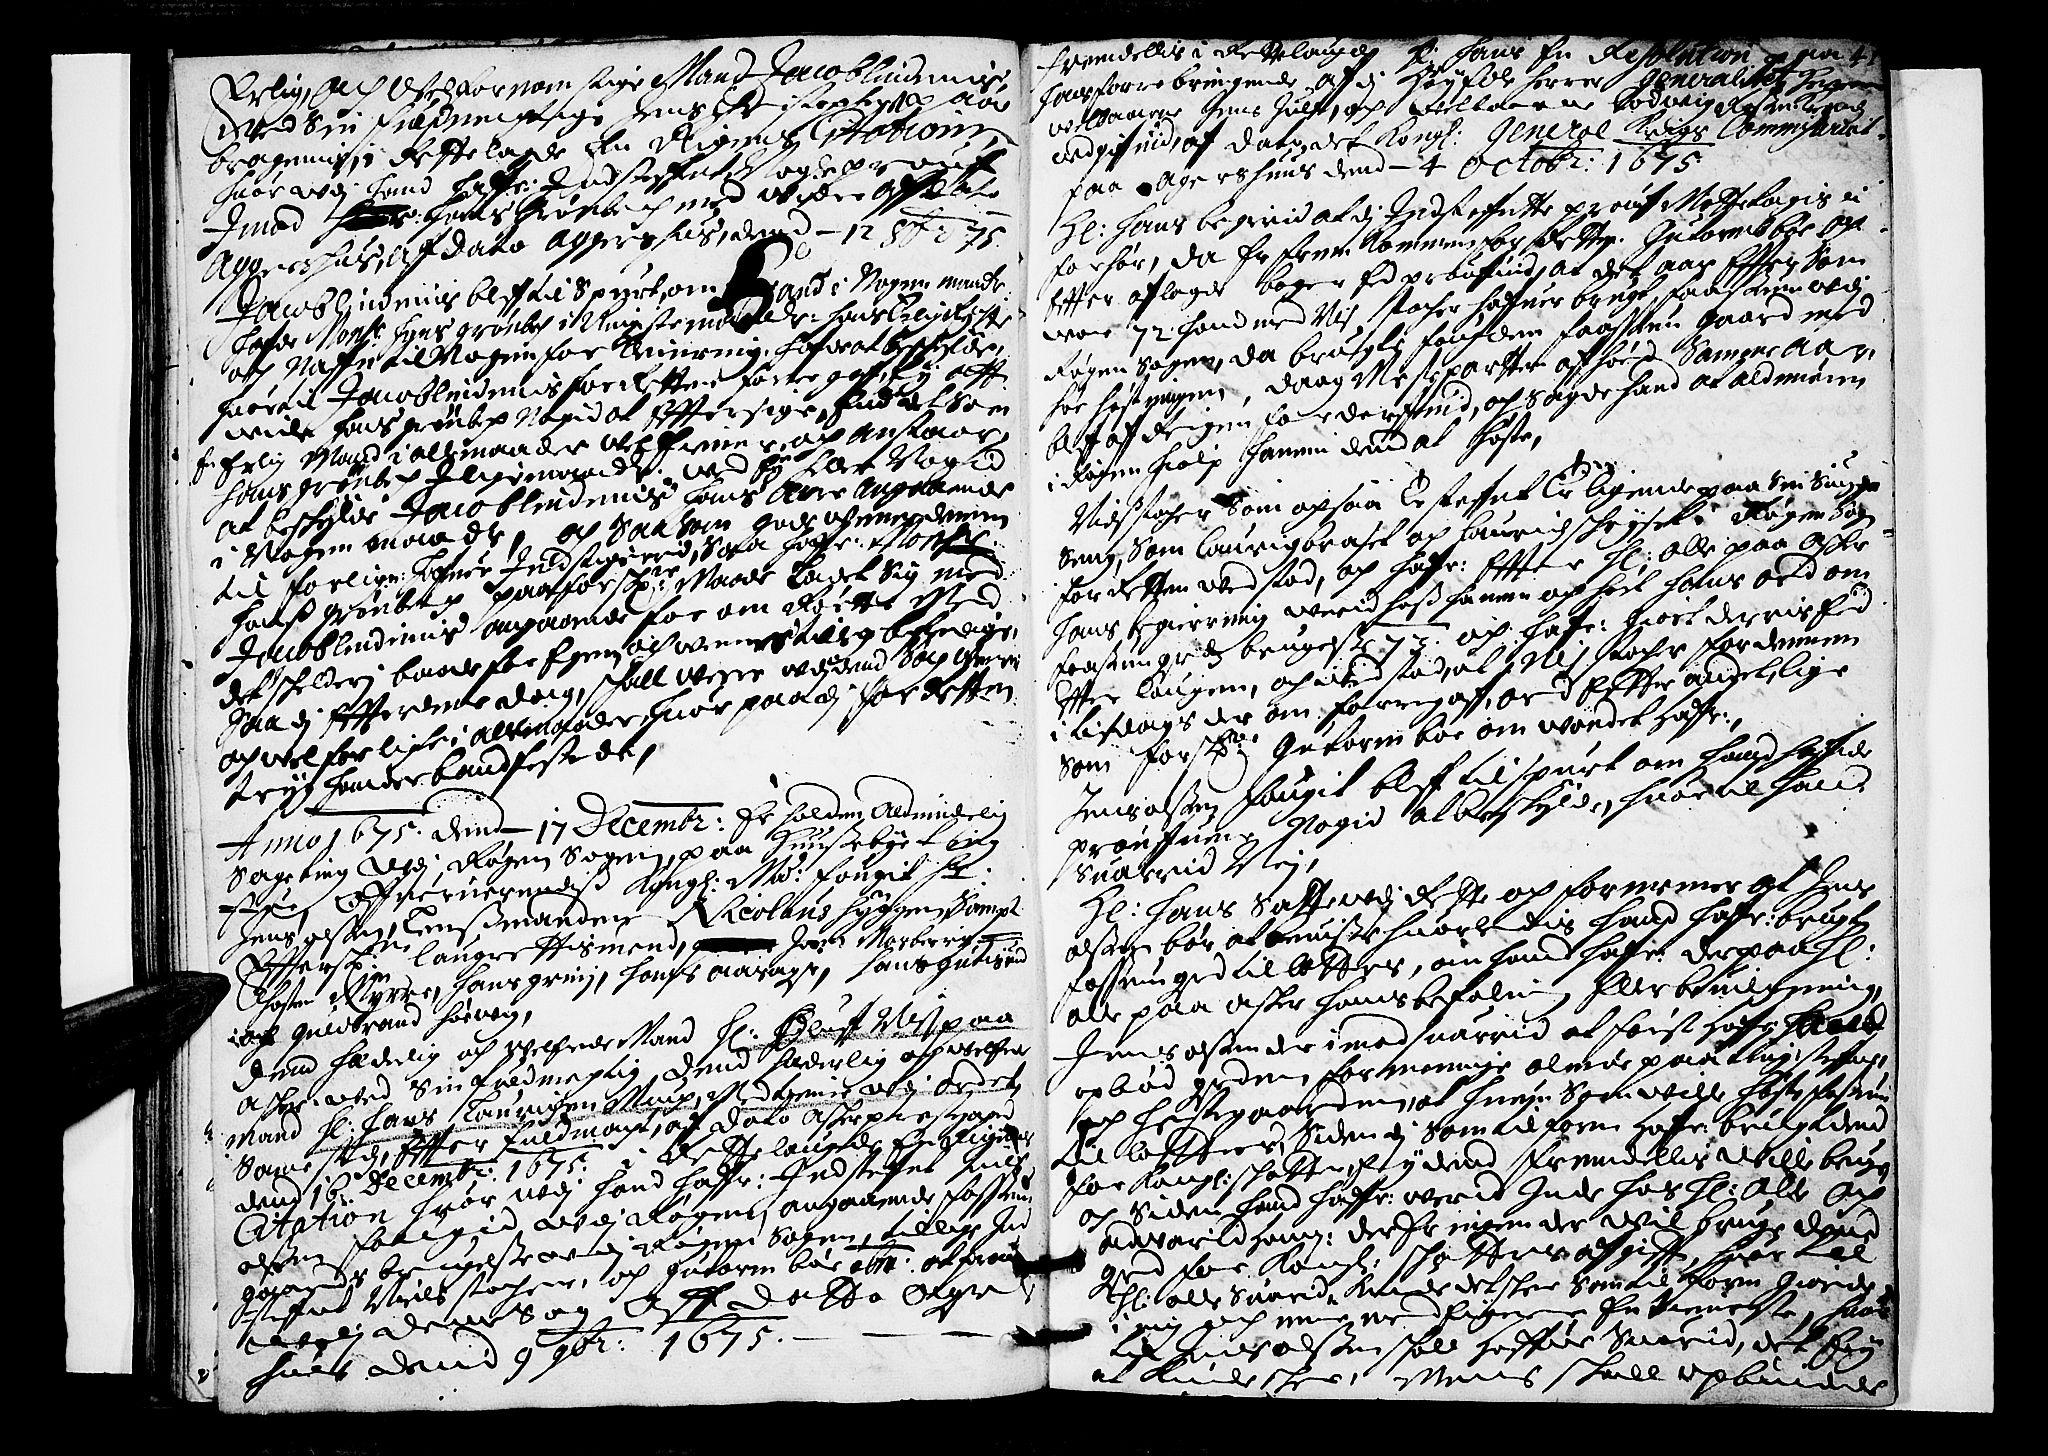 SAKO, Lier, Røyken og Hurum sorenskriveri, F/Fa/L0016: Tingbok, 1675, s. 41